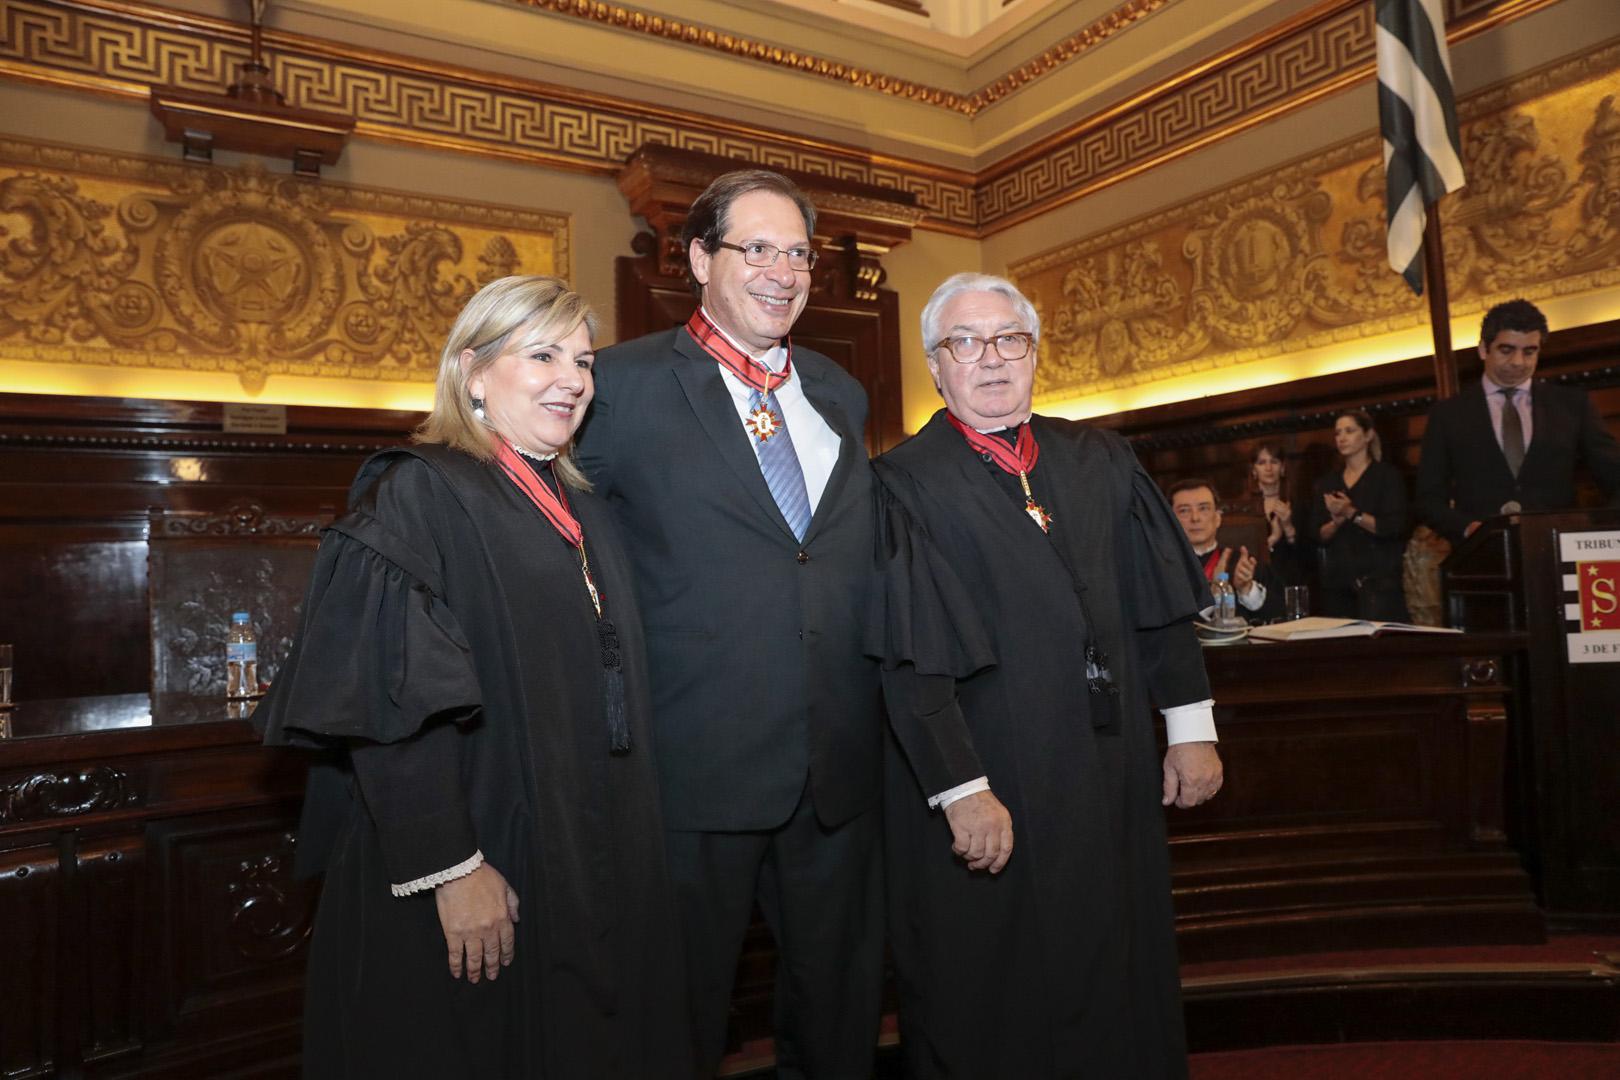 Ministro Luis Felipe Salomão é agraciado com o Colar do Mérito Judiciário